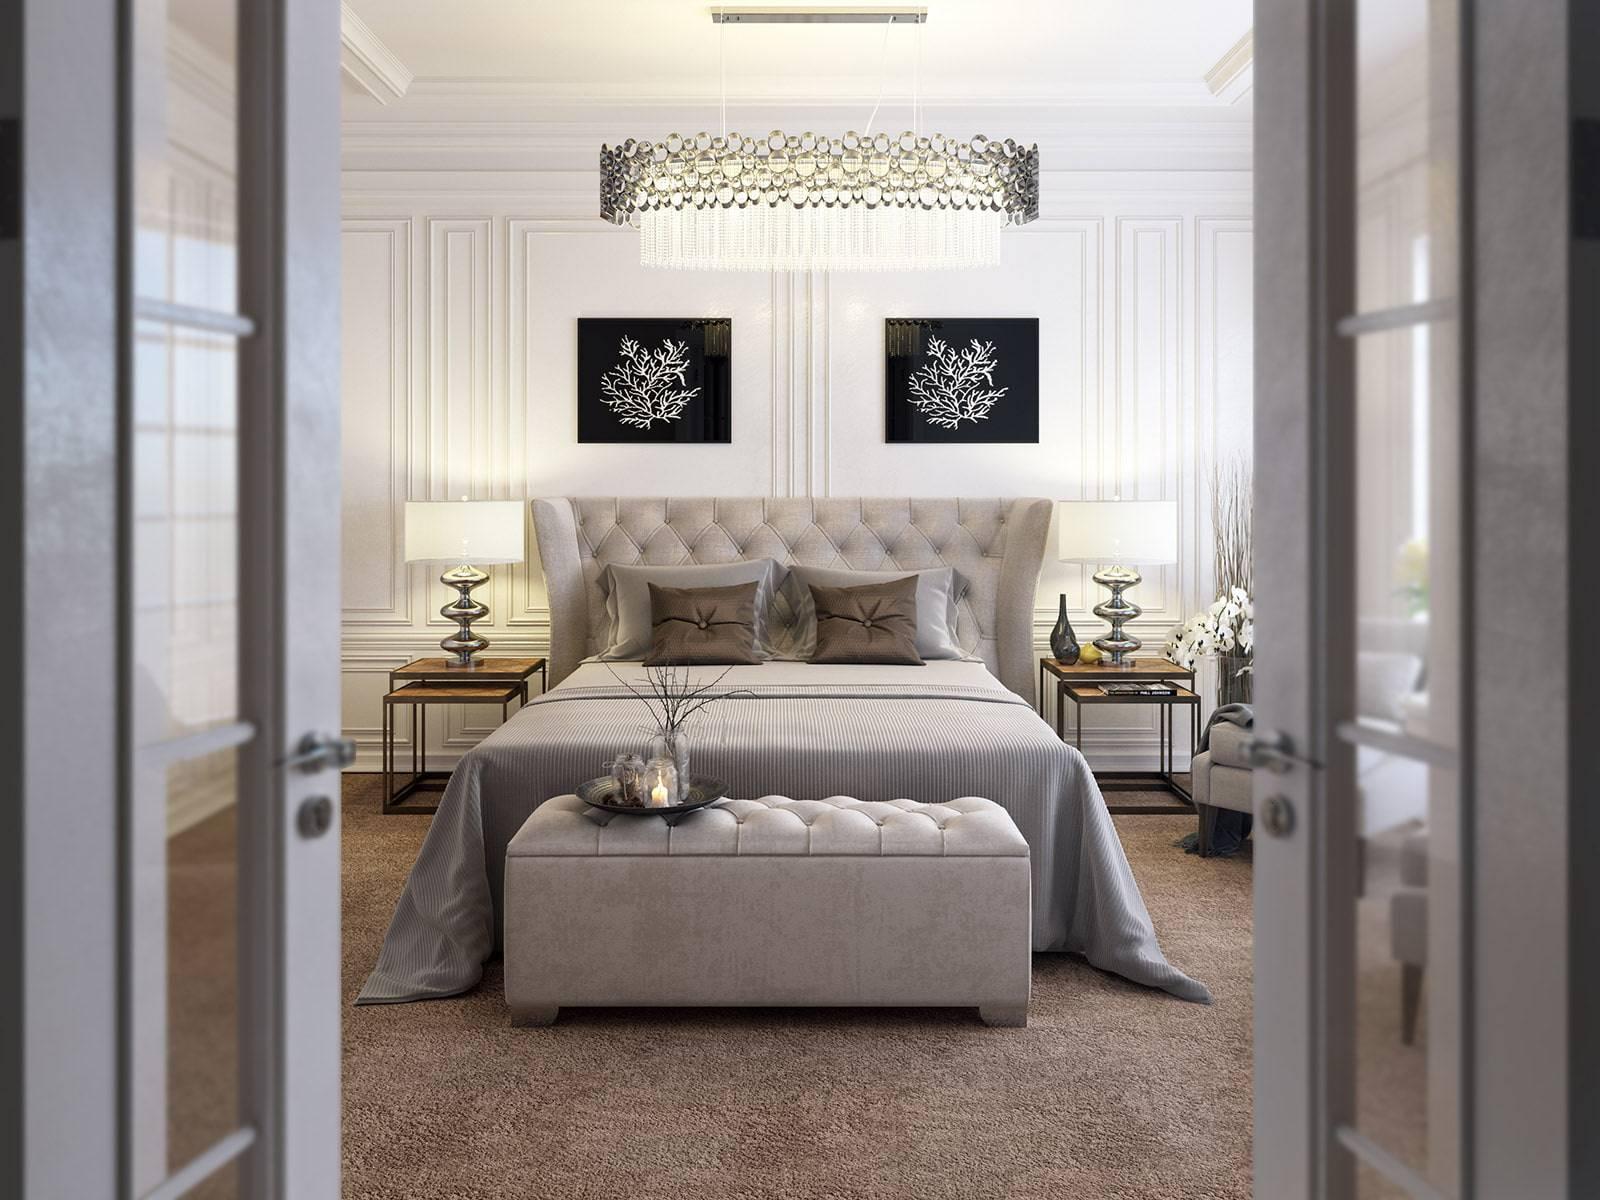 Модульные спальни: обзор преимуществ и недостатков, фото идей оформления в интерьере